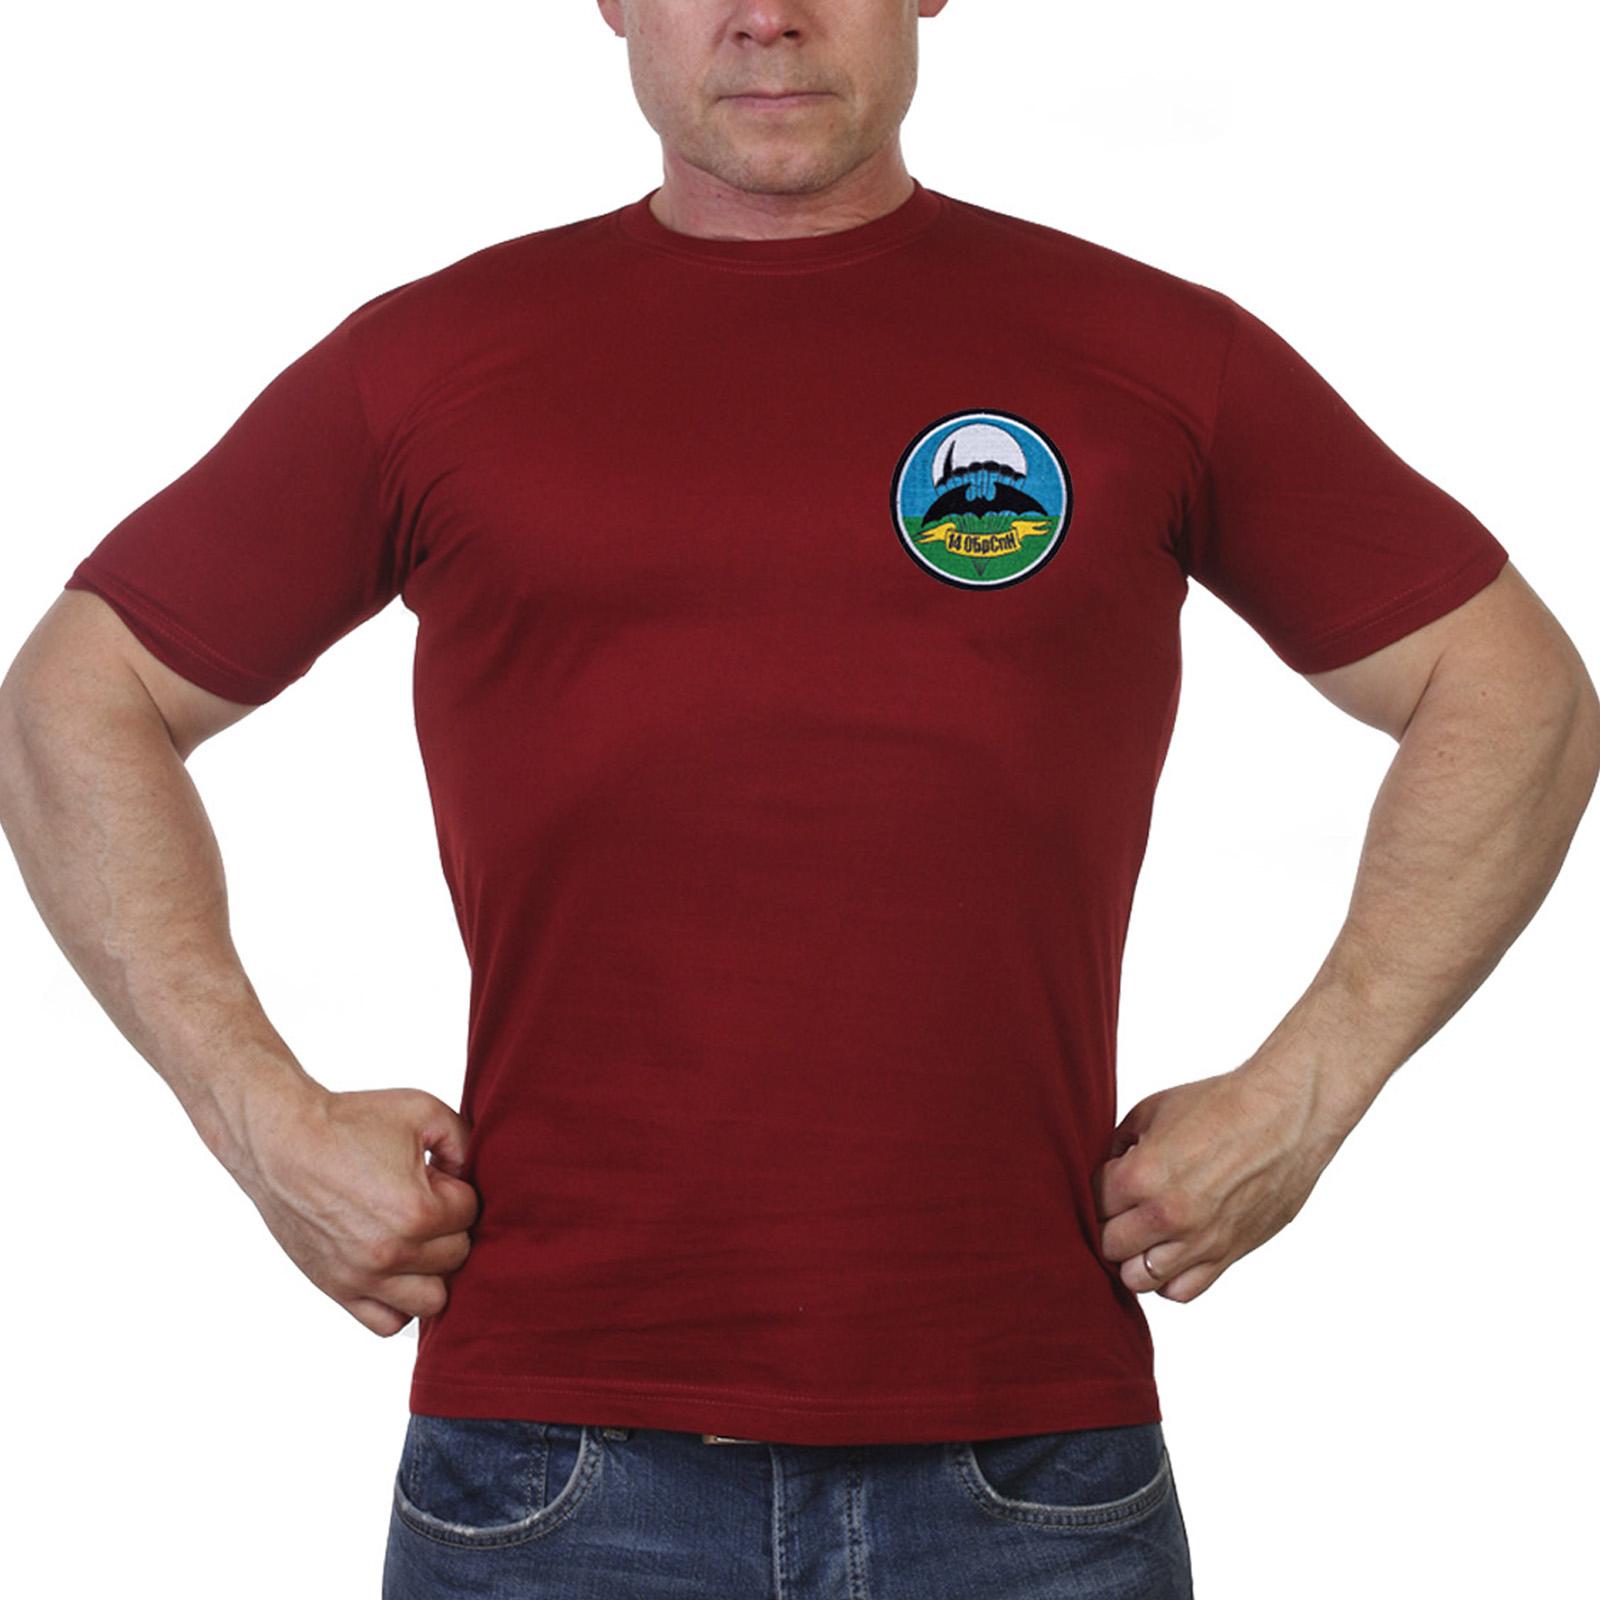 Строгая футболка с шевроном 14 ОБрСпН